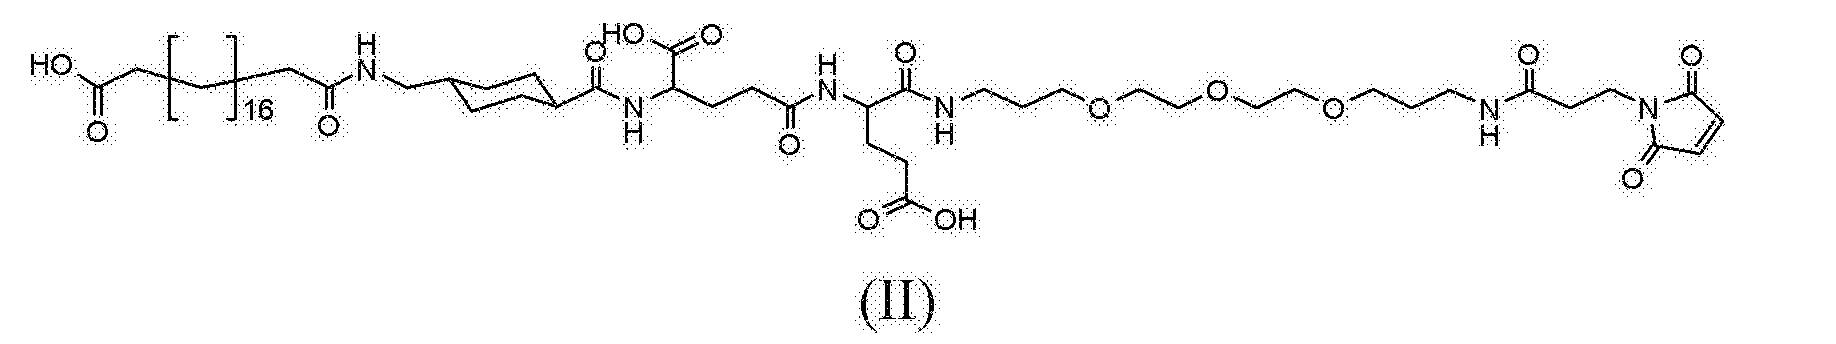 Figure CN103002918BD01144